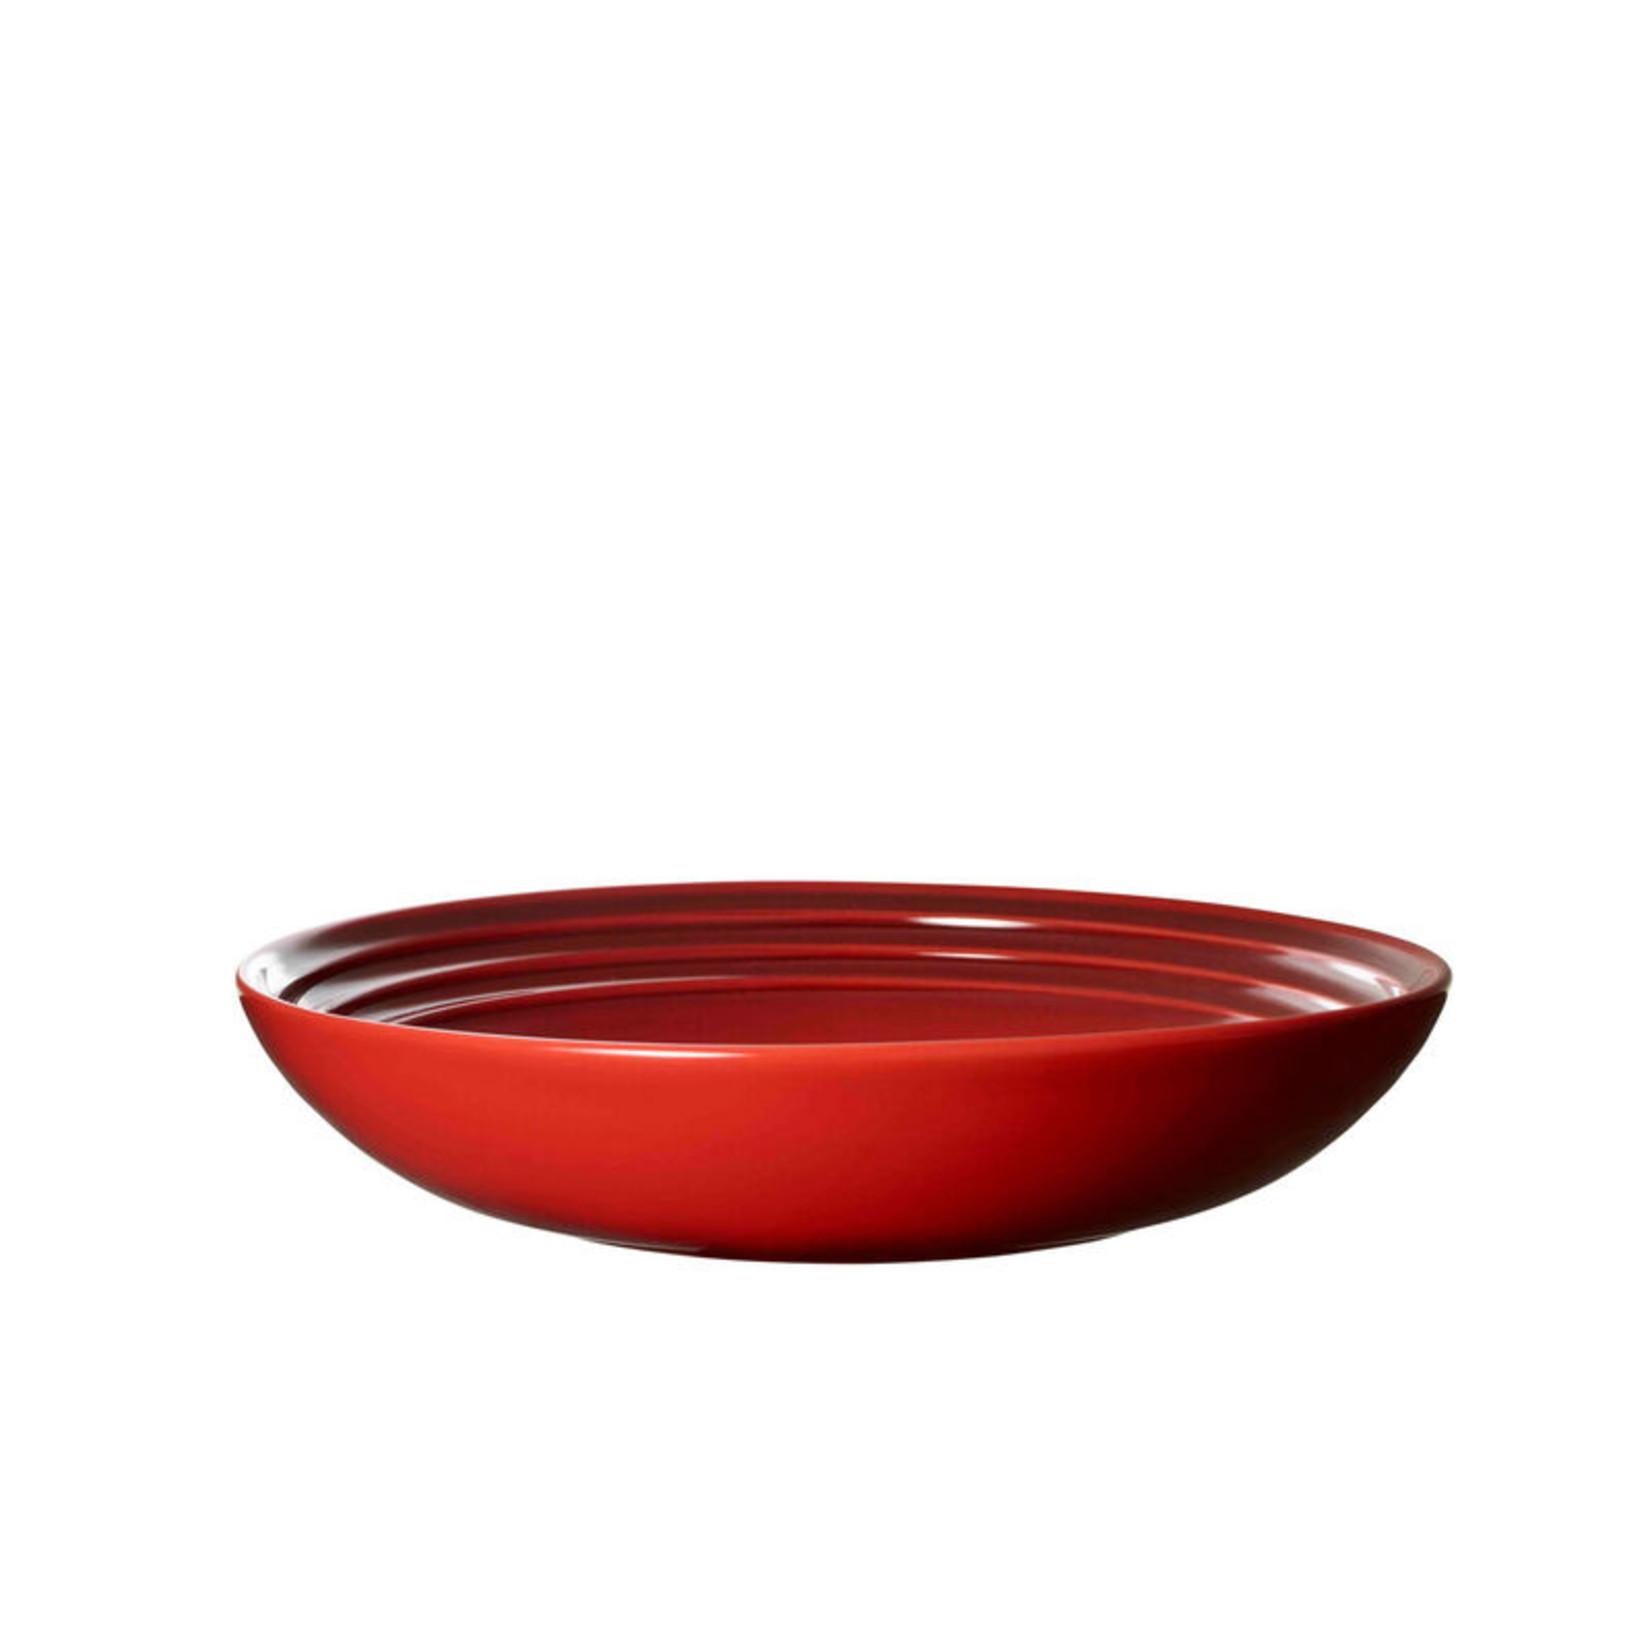 Le Creuset Classic Coupe Pasta Bowl